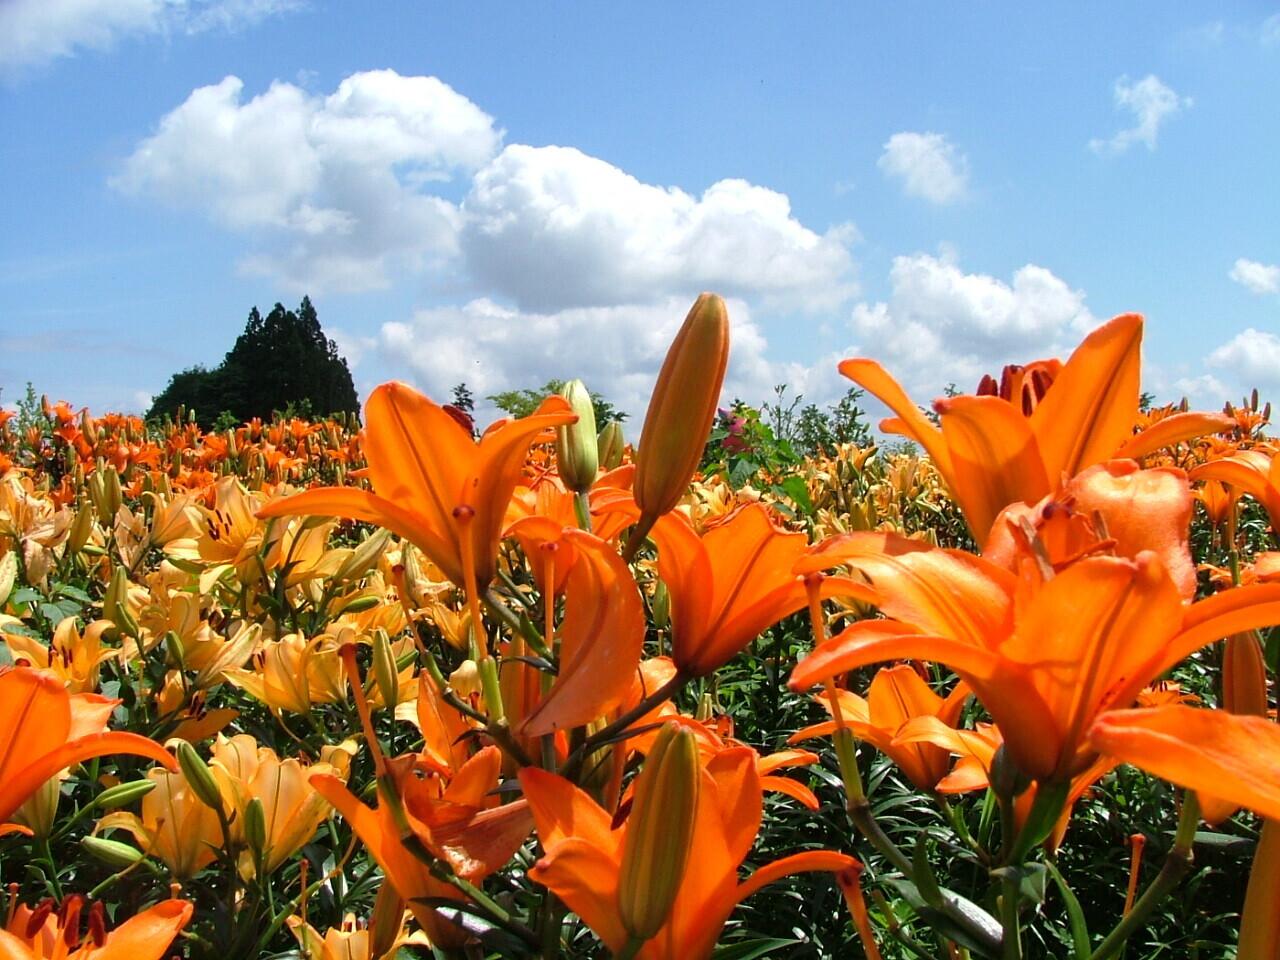 飯豊町編 地元ガイドと巡る「花×伊達な城館ウォーク・どんでん平ゆり園と日本一の田園原風景トレッキング」